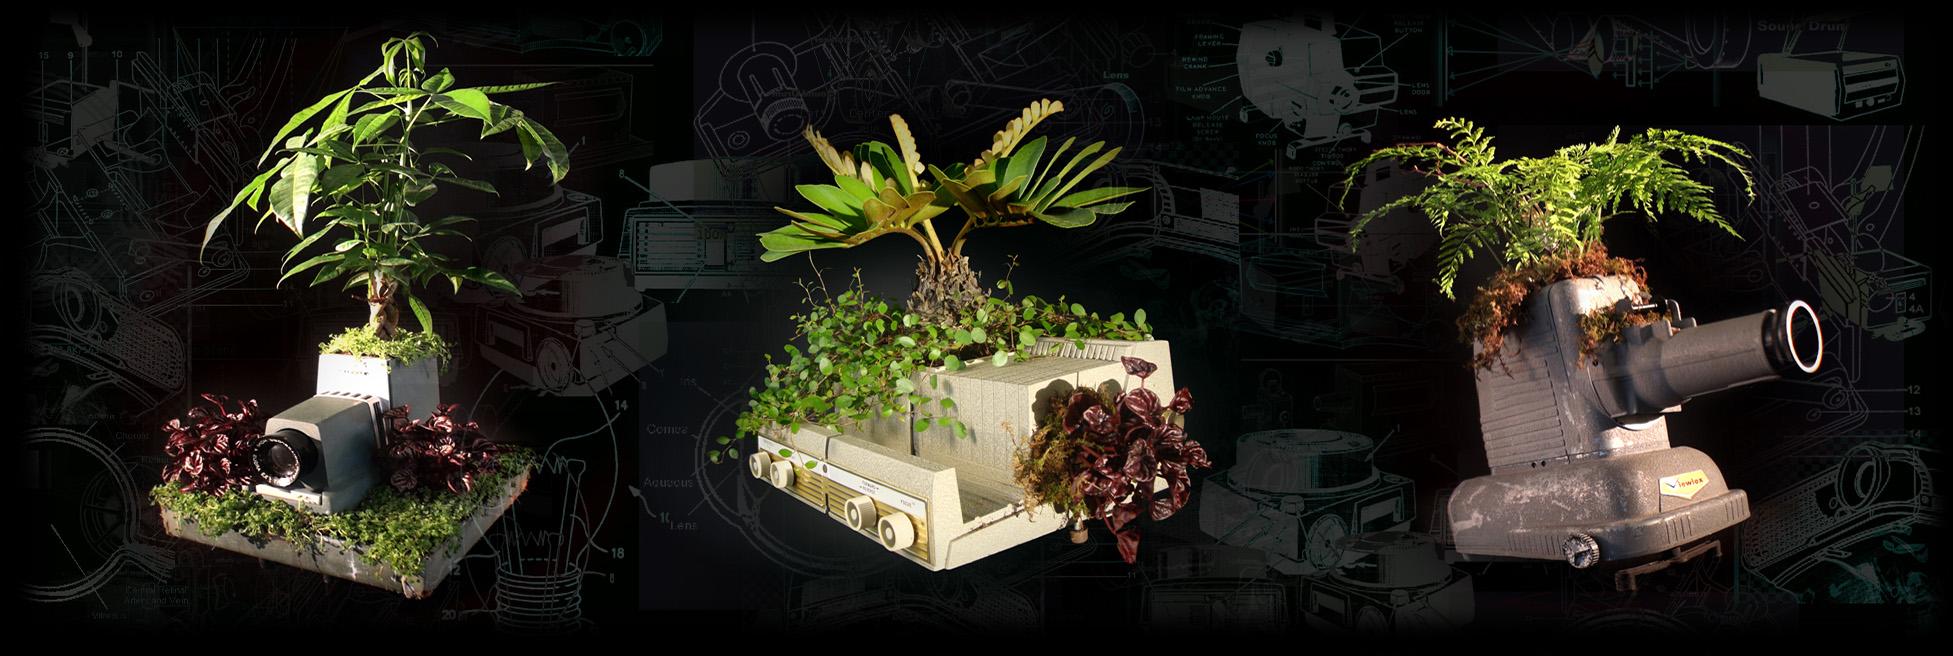 plantjectors3upsm.jpg